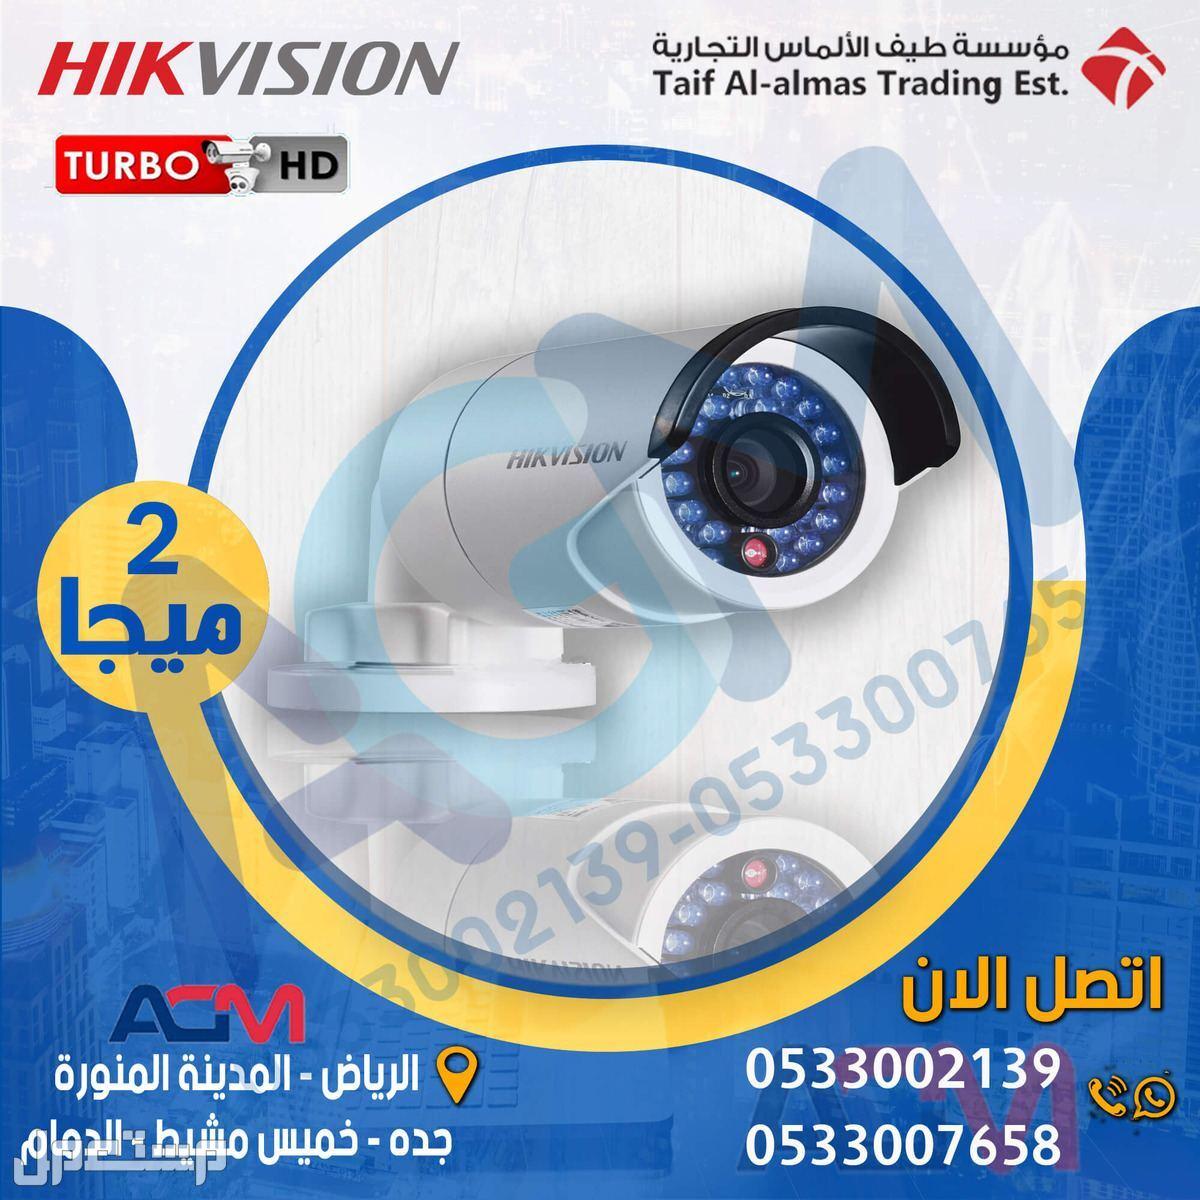 عروض 2 كاميرا مراقبة داخلي او خارجي  2 ميجا بيكسل هيك فيجين HikVision